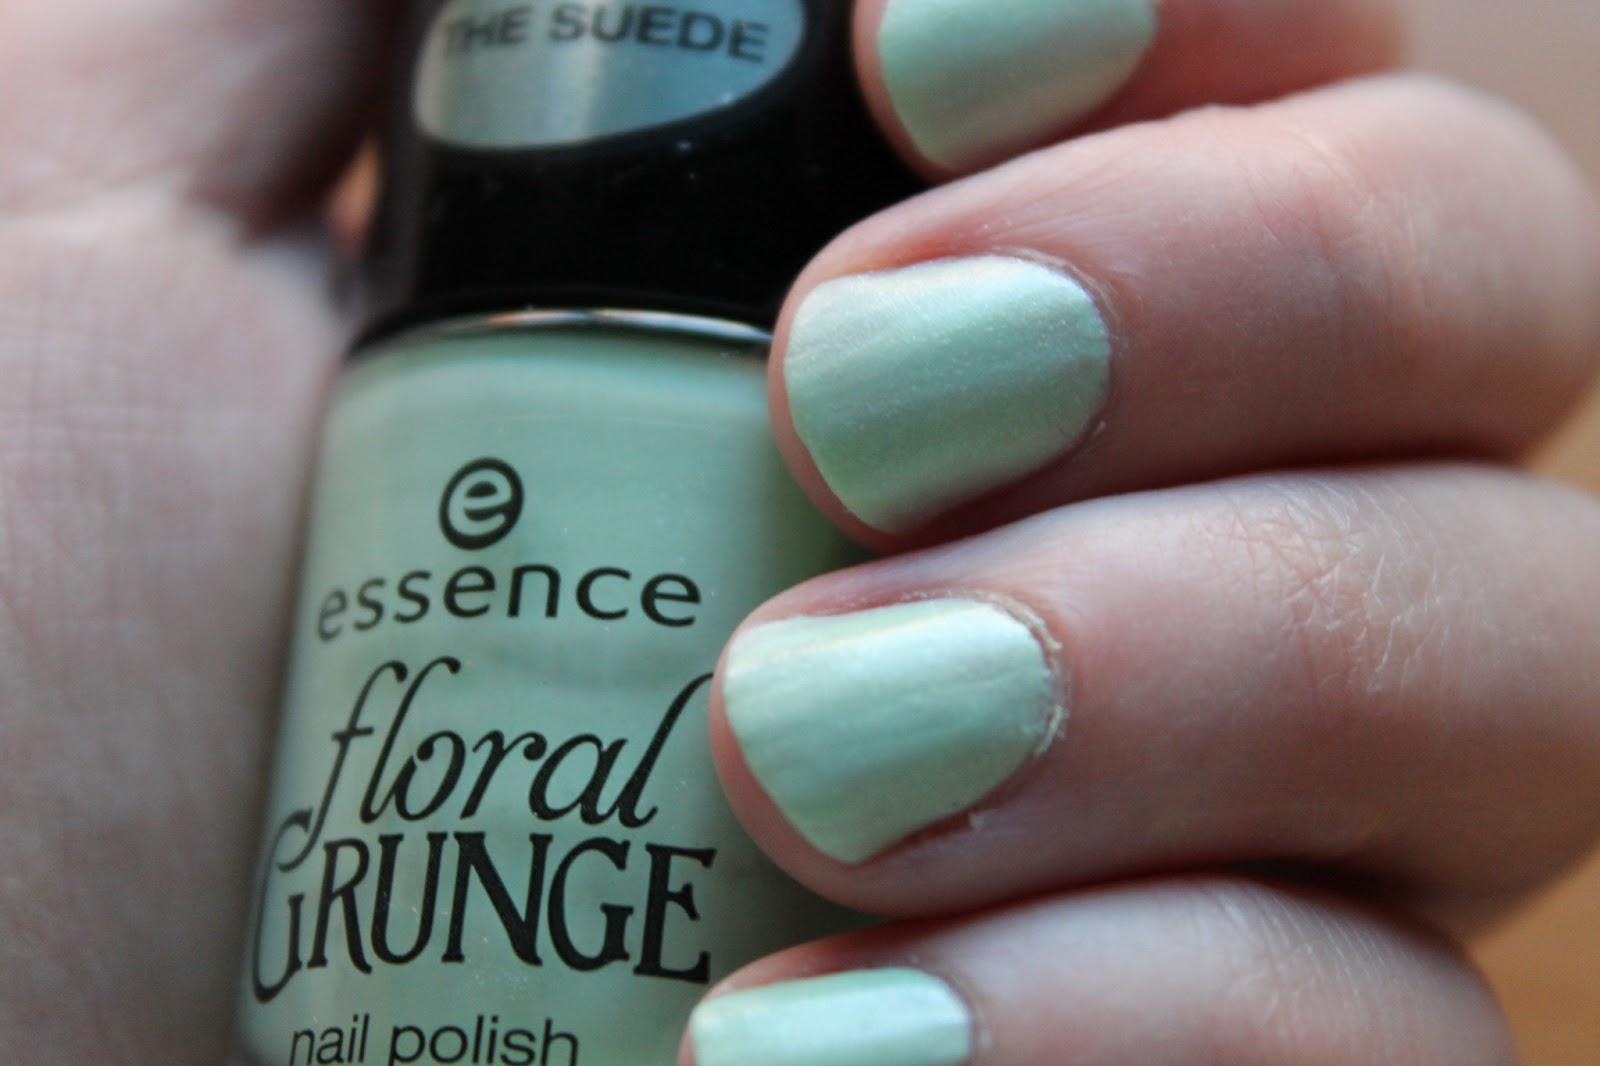 grunge-me-tender-essence-floral-grunge